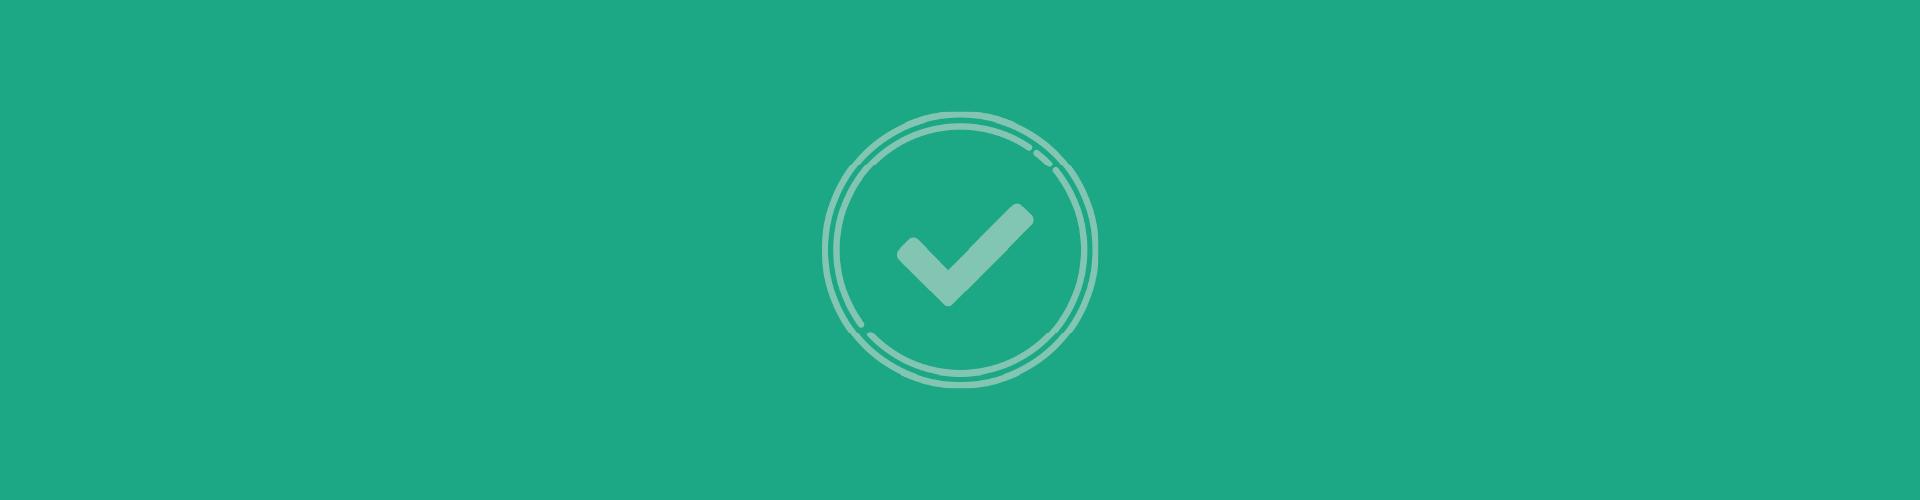 Alterações na compatibilidade com dispositivos iOS no app Decision Center